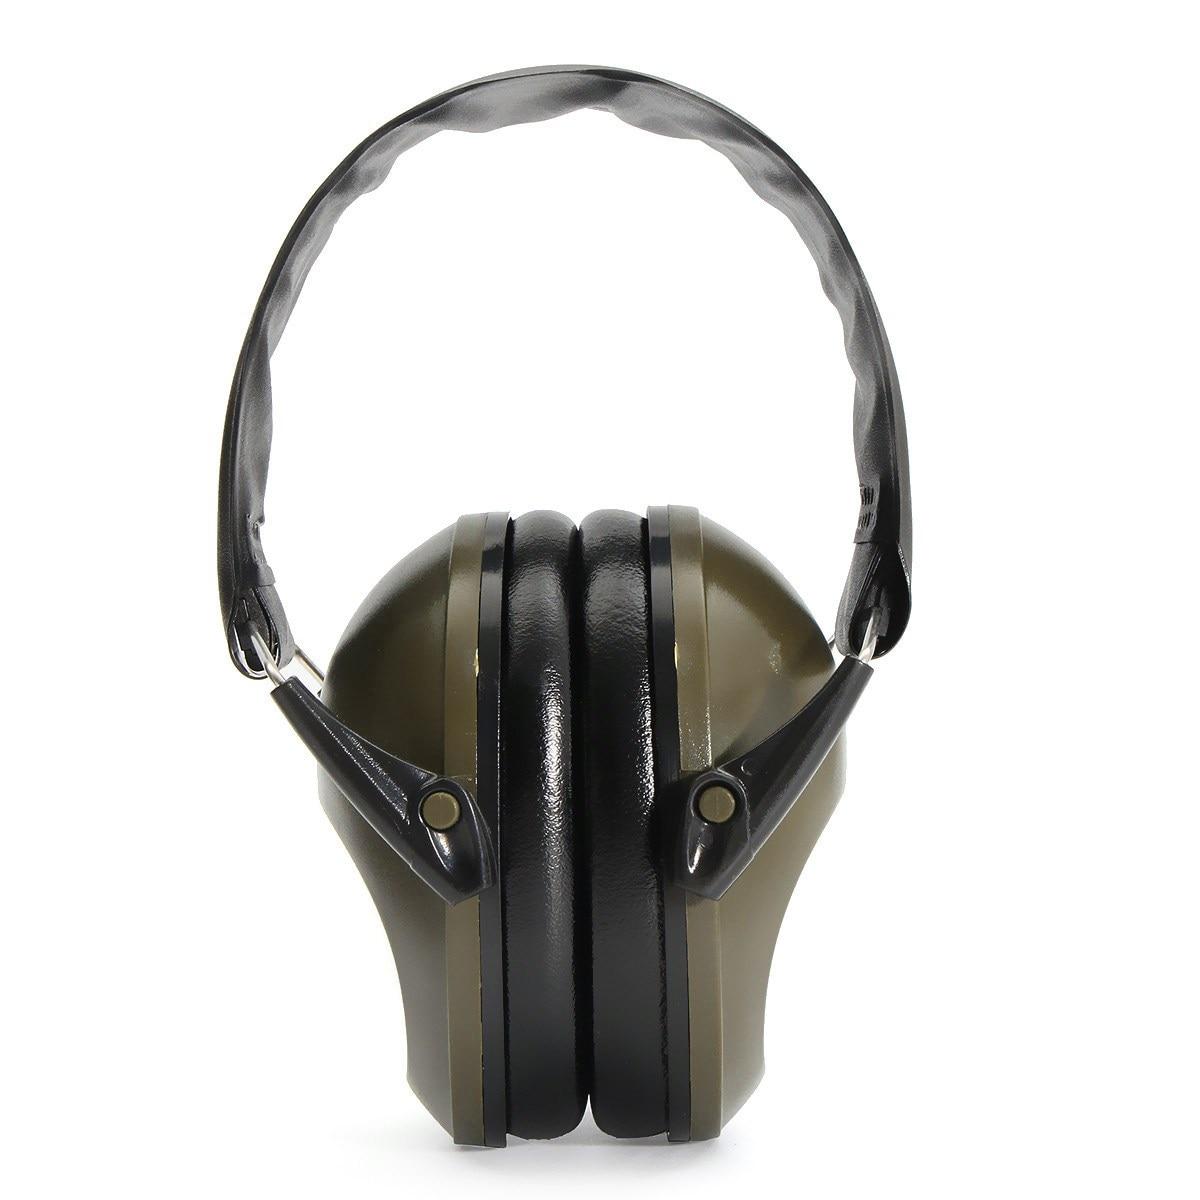 Nueva seguro anti-ruido orejeras protección auditiva insonorizadas Tiro Orejeras auricular redution ruido lugar Seguridad